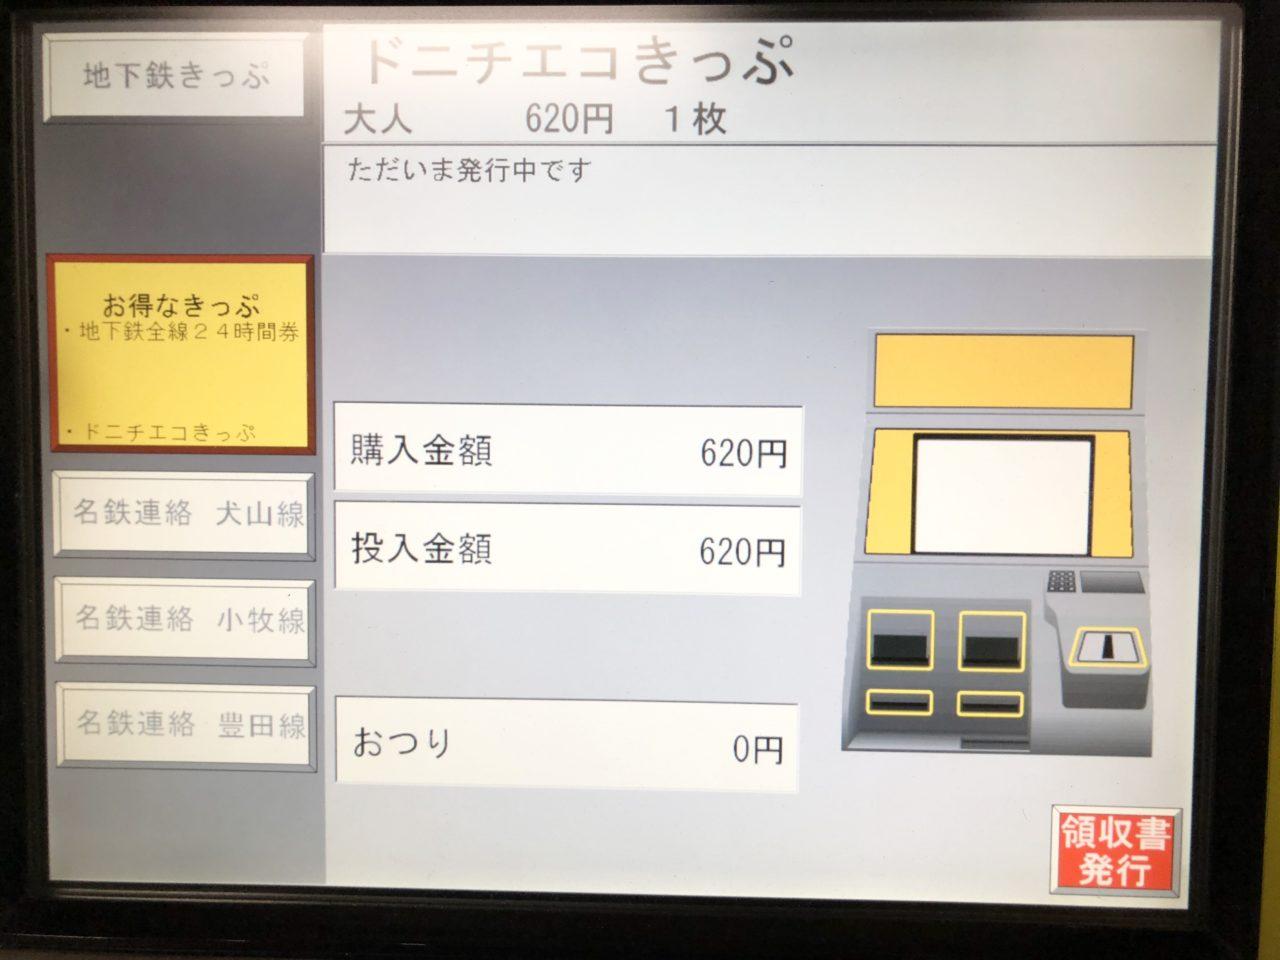 ドニチエコきっぷの料金